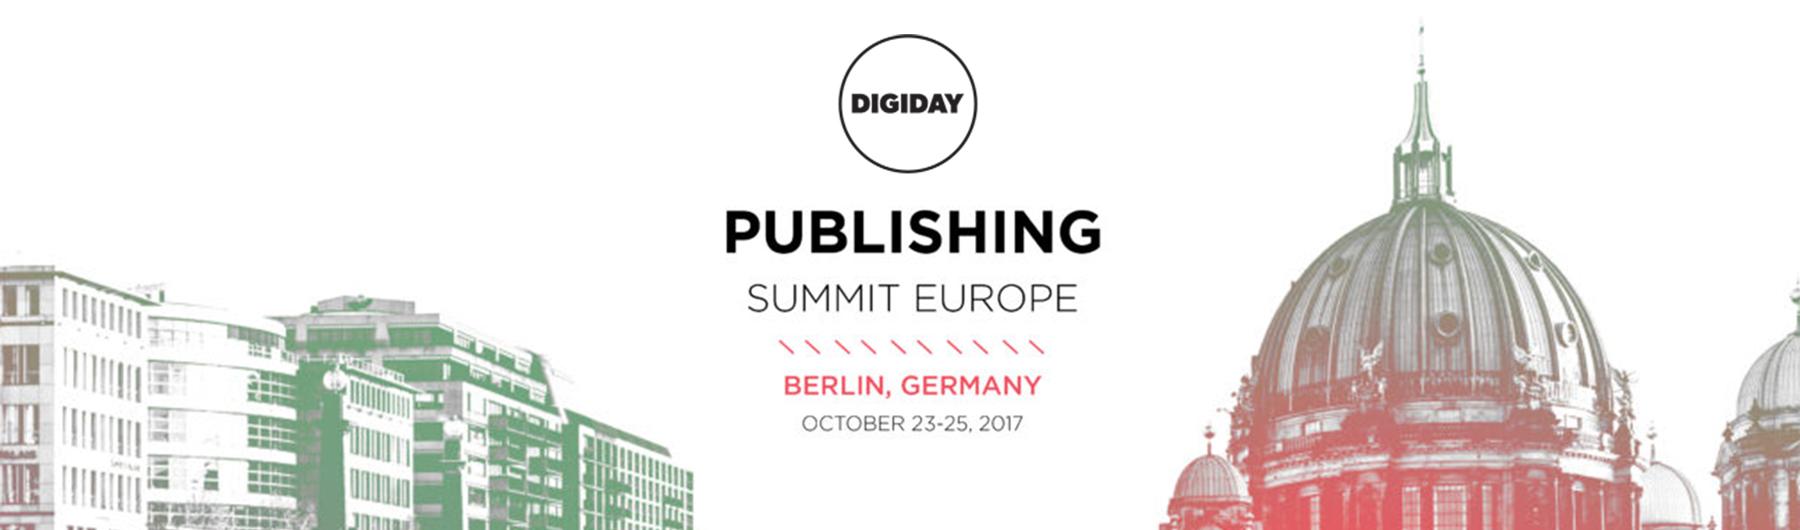 Digiday Publishing Summit Europe October 2017